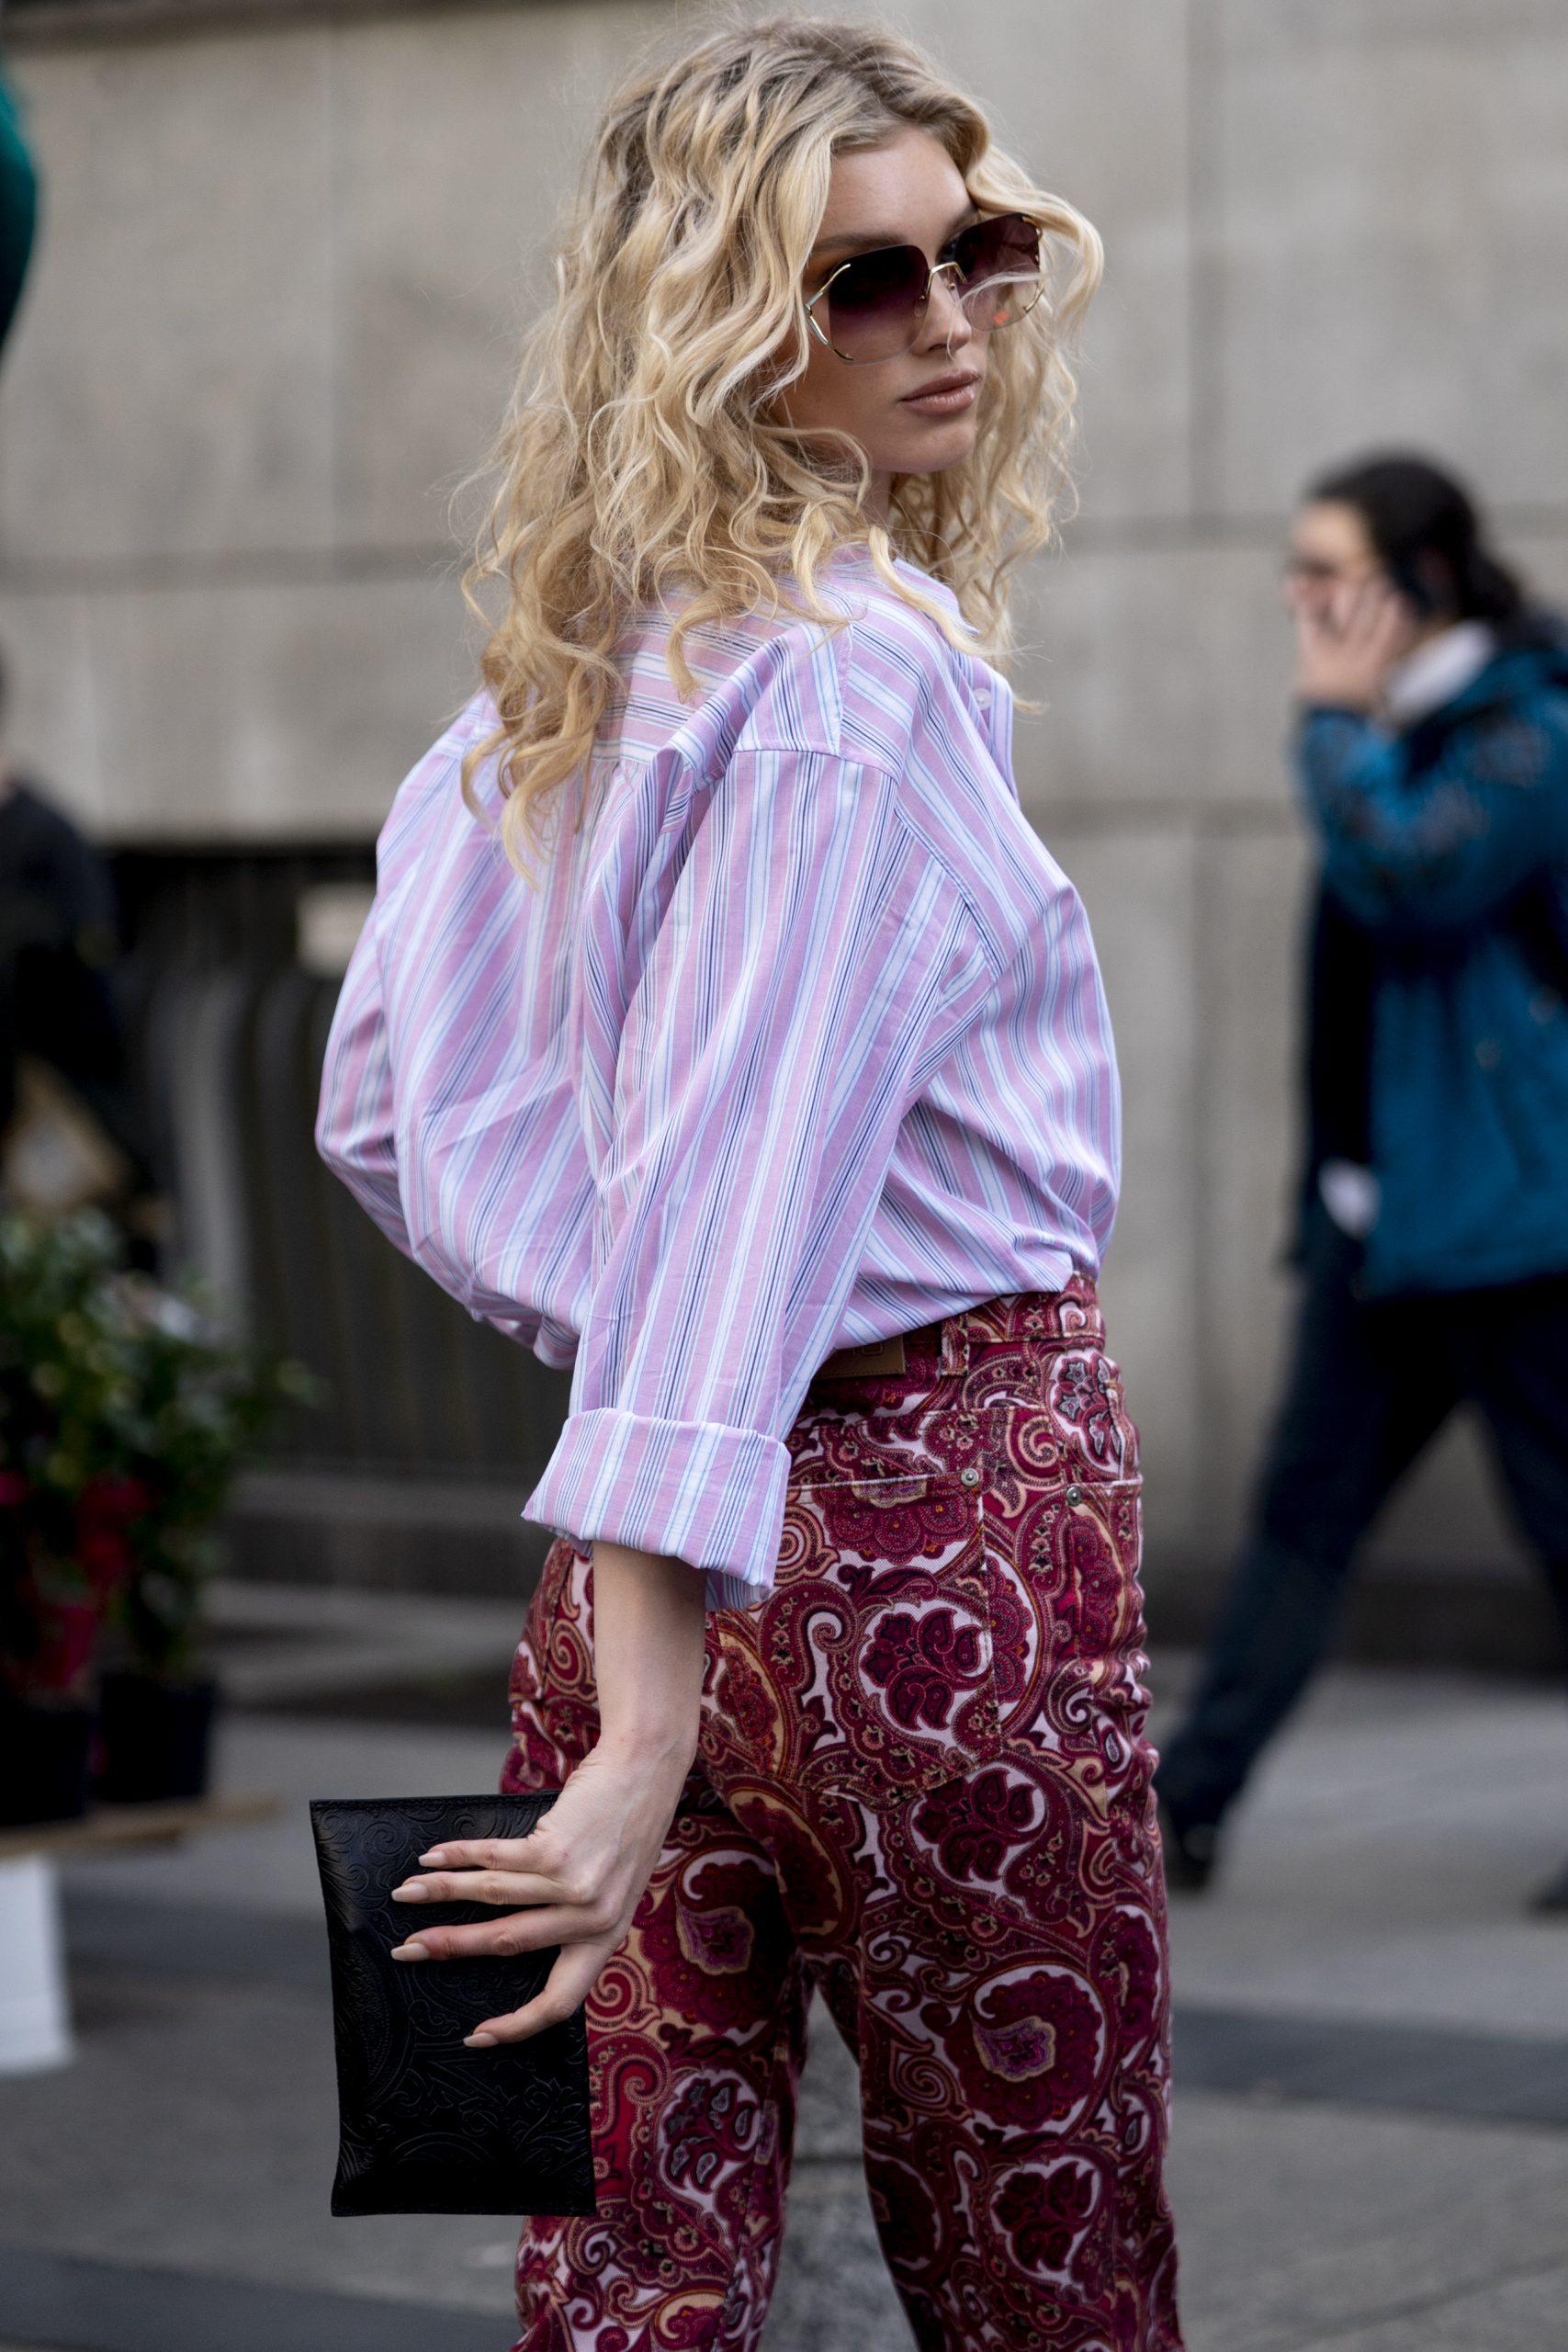 La modelo Elsa Hosk/Foto: Imaxtree.